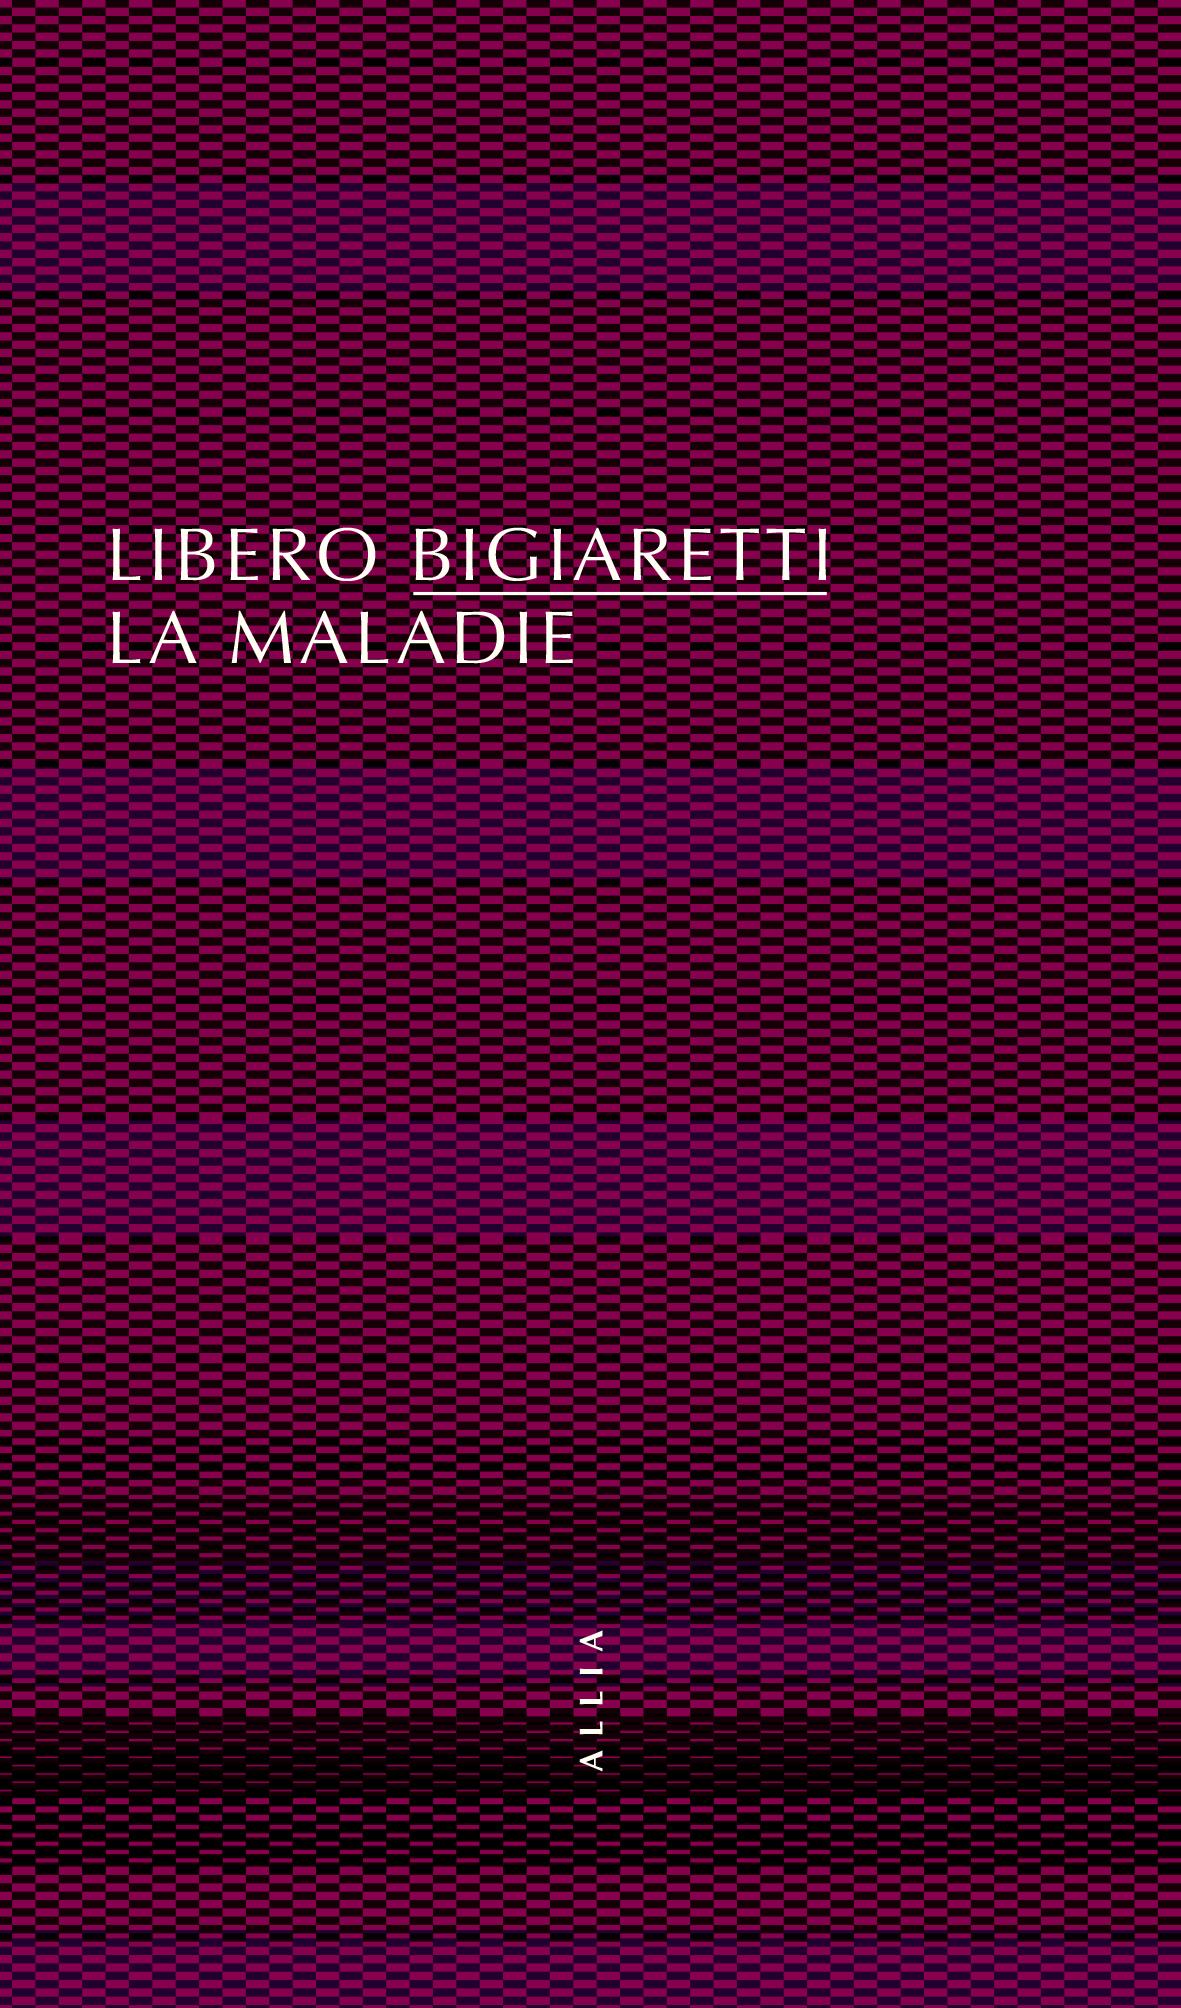 L. Bigiaretti, La Maladie